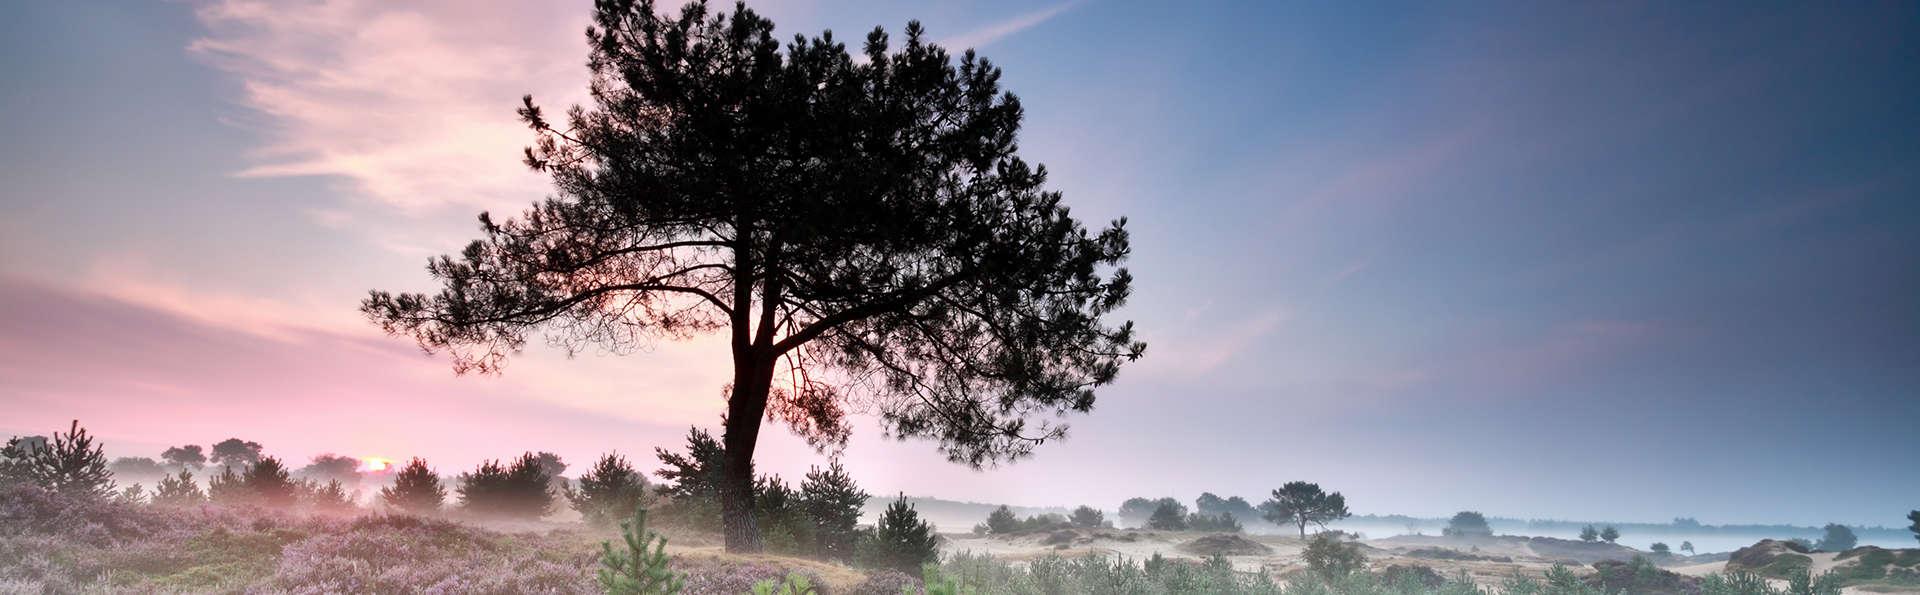 Wellness Hotel & Golf Resort ZuidDrenthe - edit_drenthe1.jpg